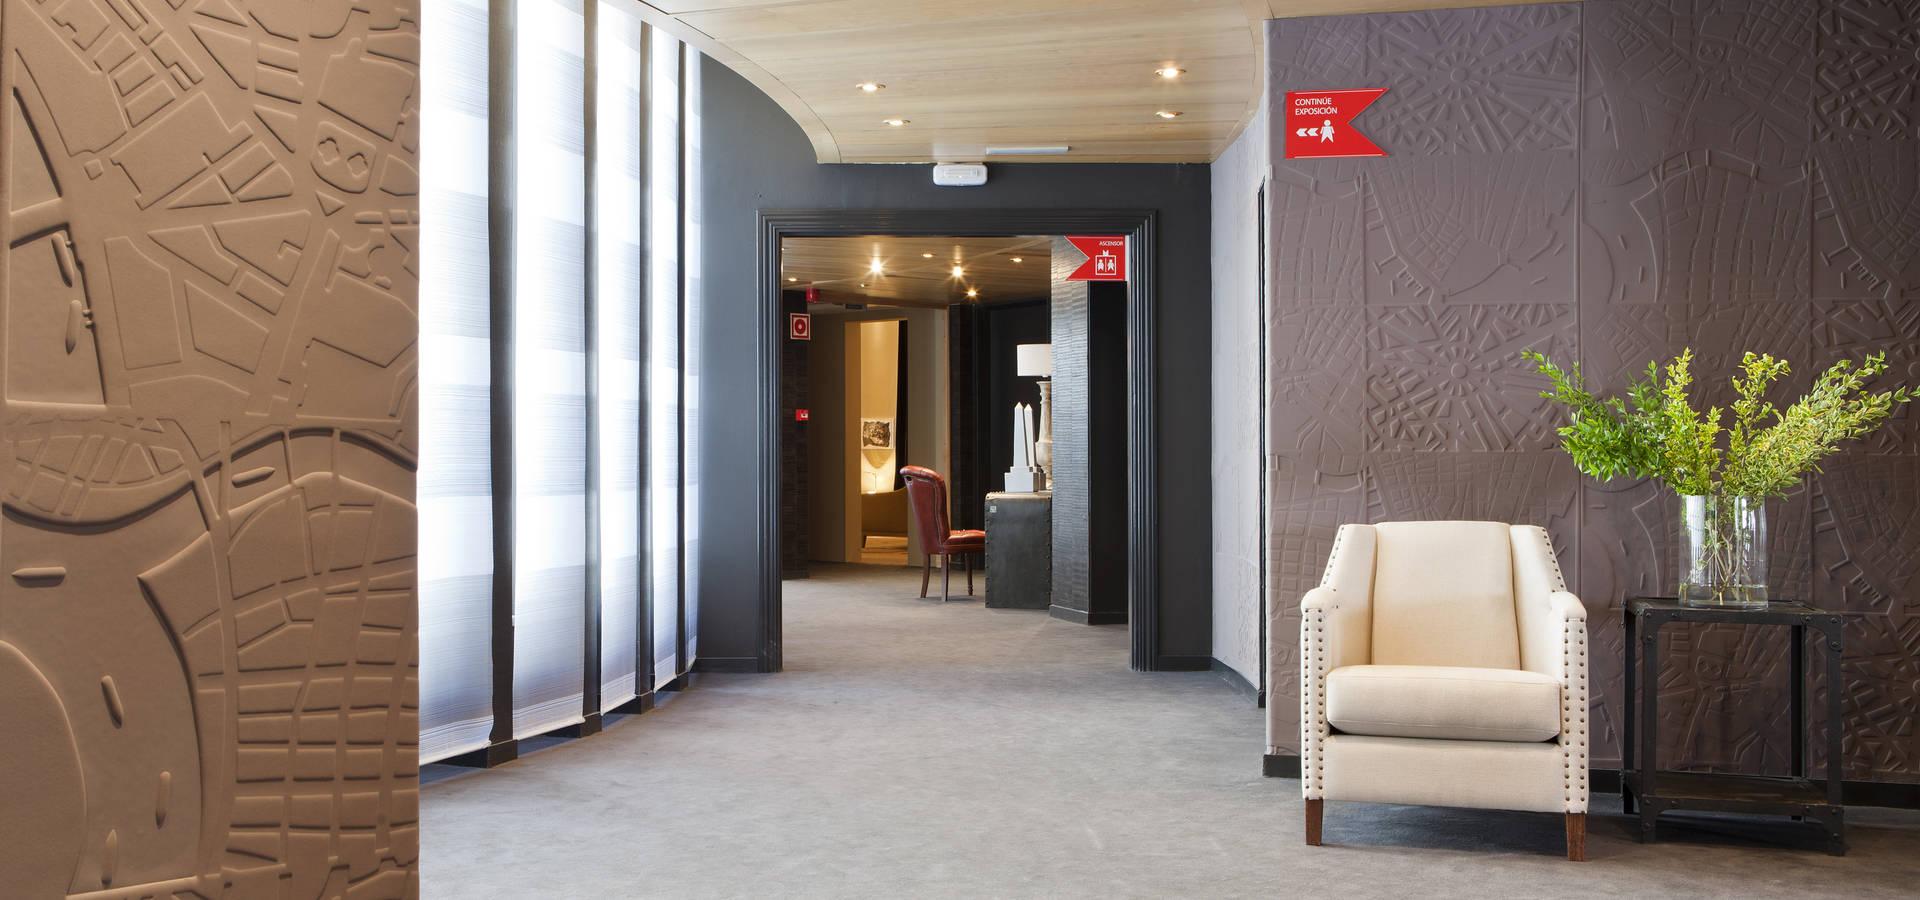 Manuel espejo estudio decoradores y dise adores de - Decoradores de interiores en madrid ...